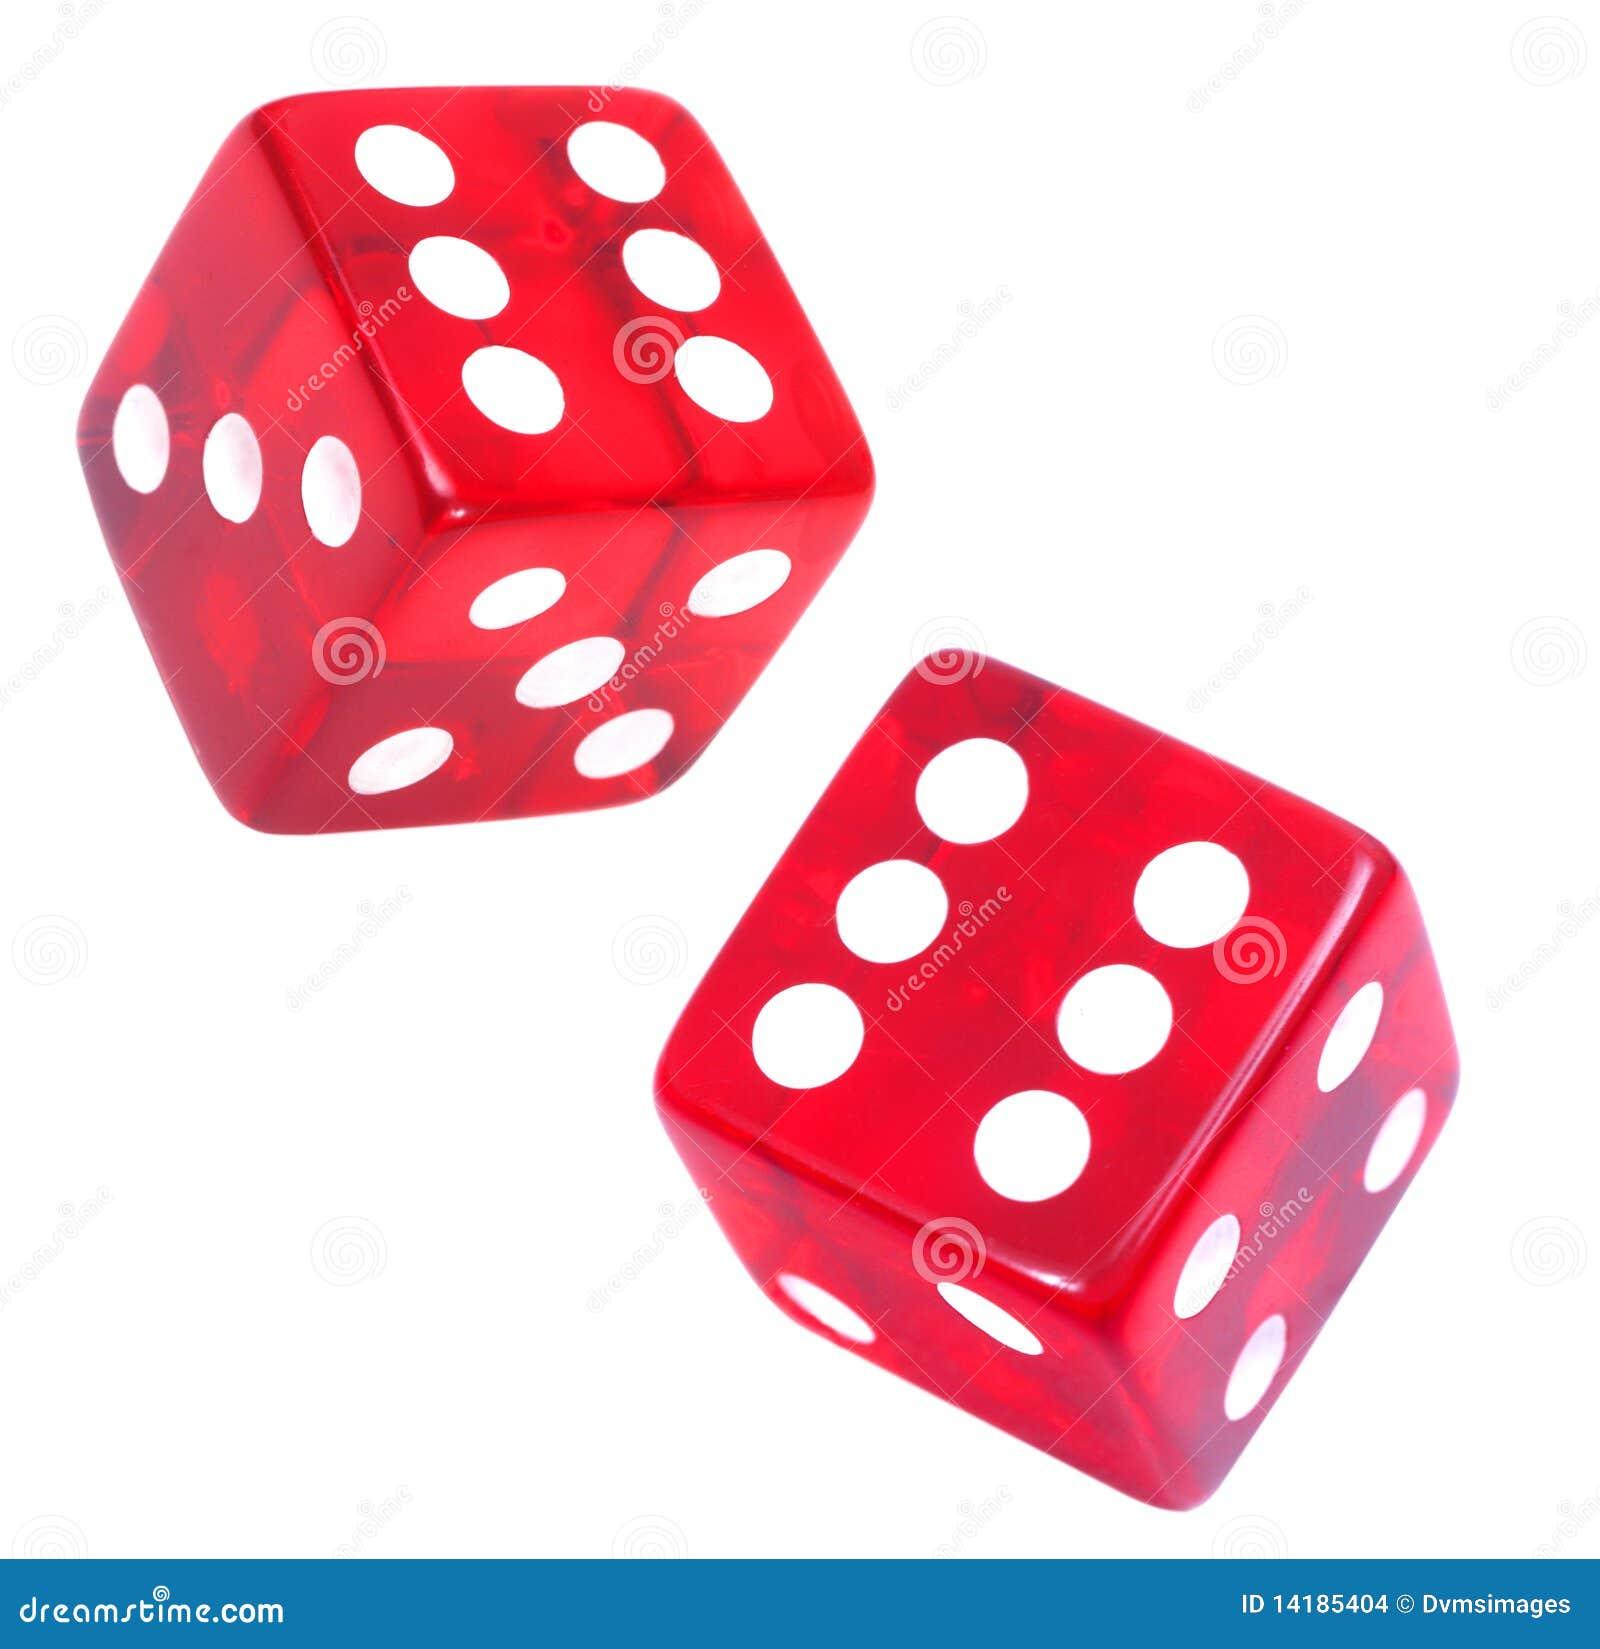 juegos de casino de youtube